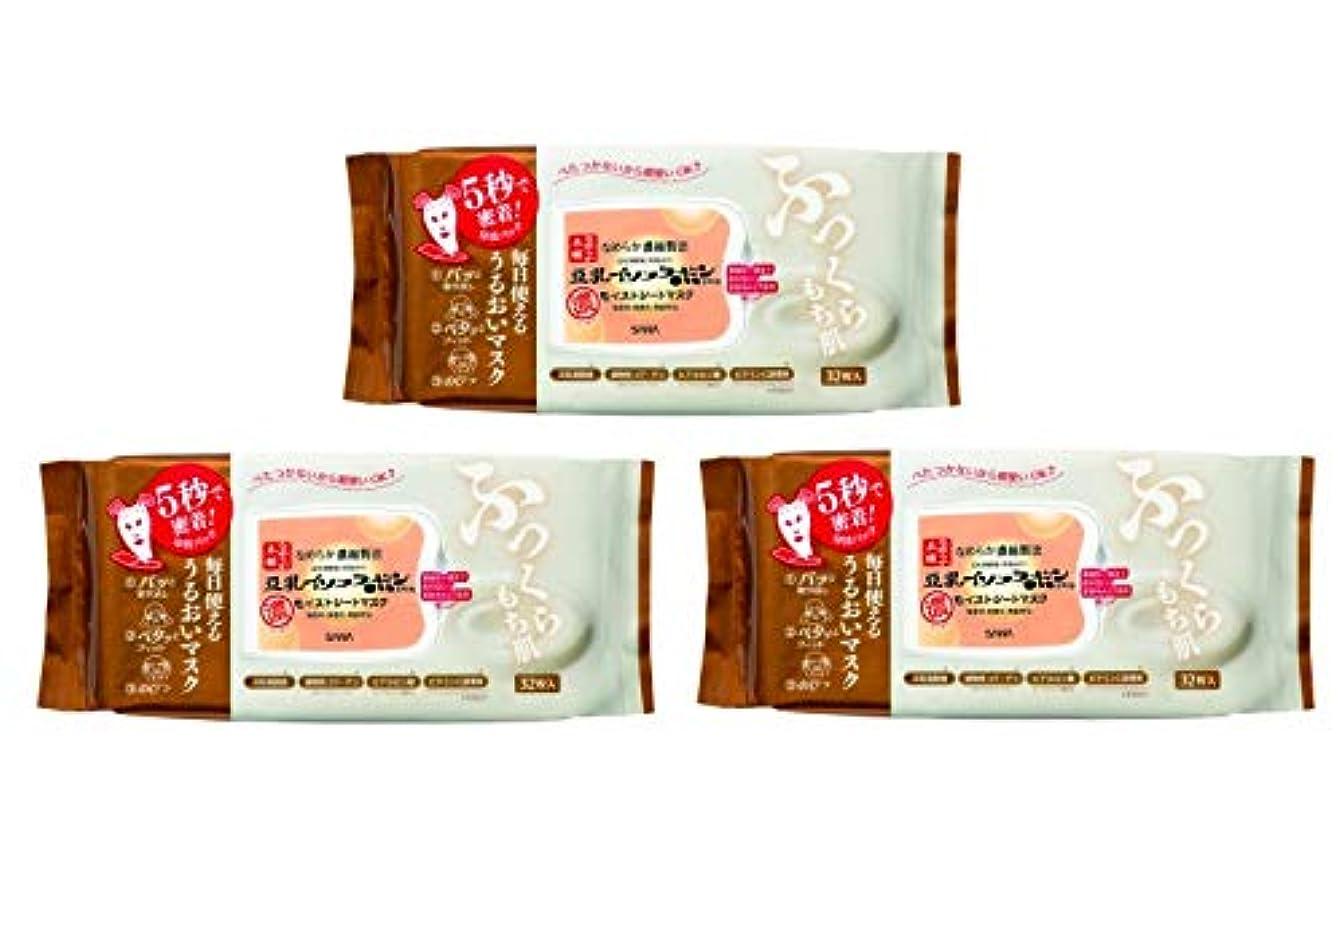 環境ラメ溶接豆乳イソフラボン モイストシートマスク 1個32枚入×3個セット サナ なめらか本舗